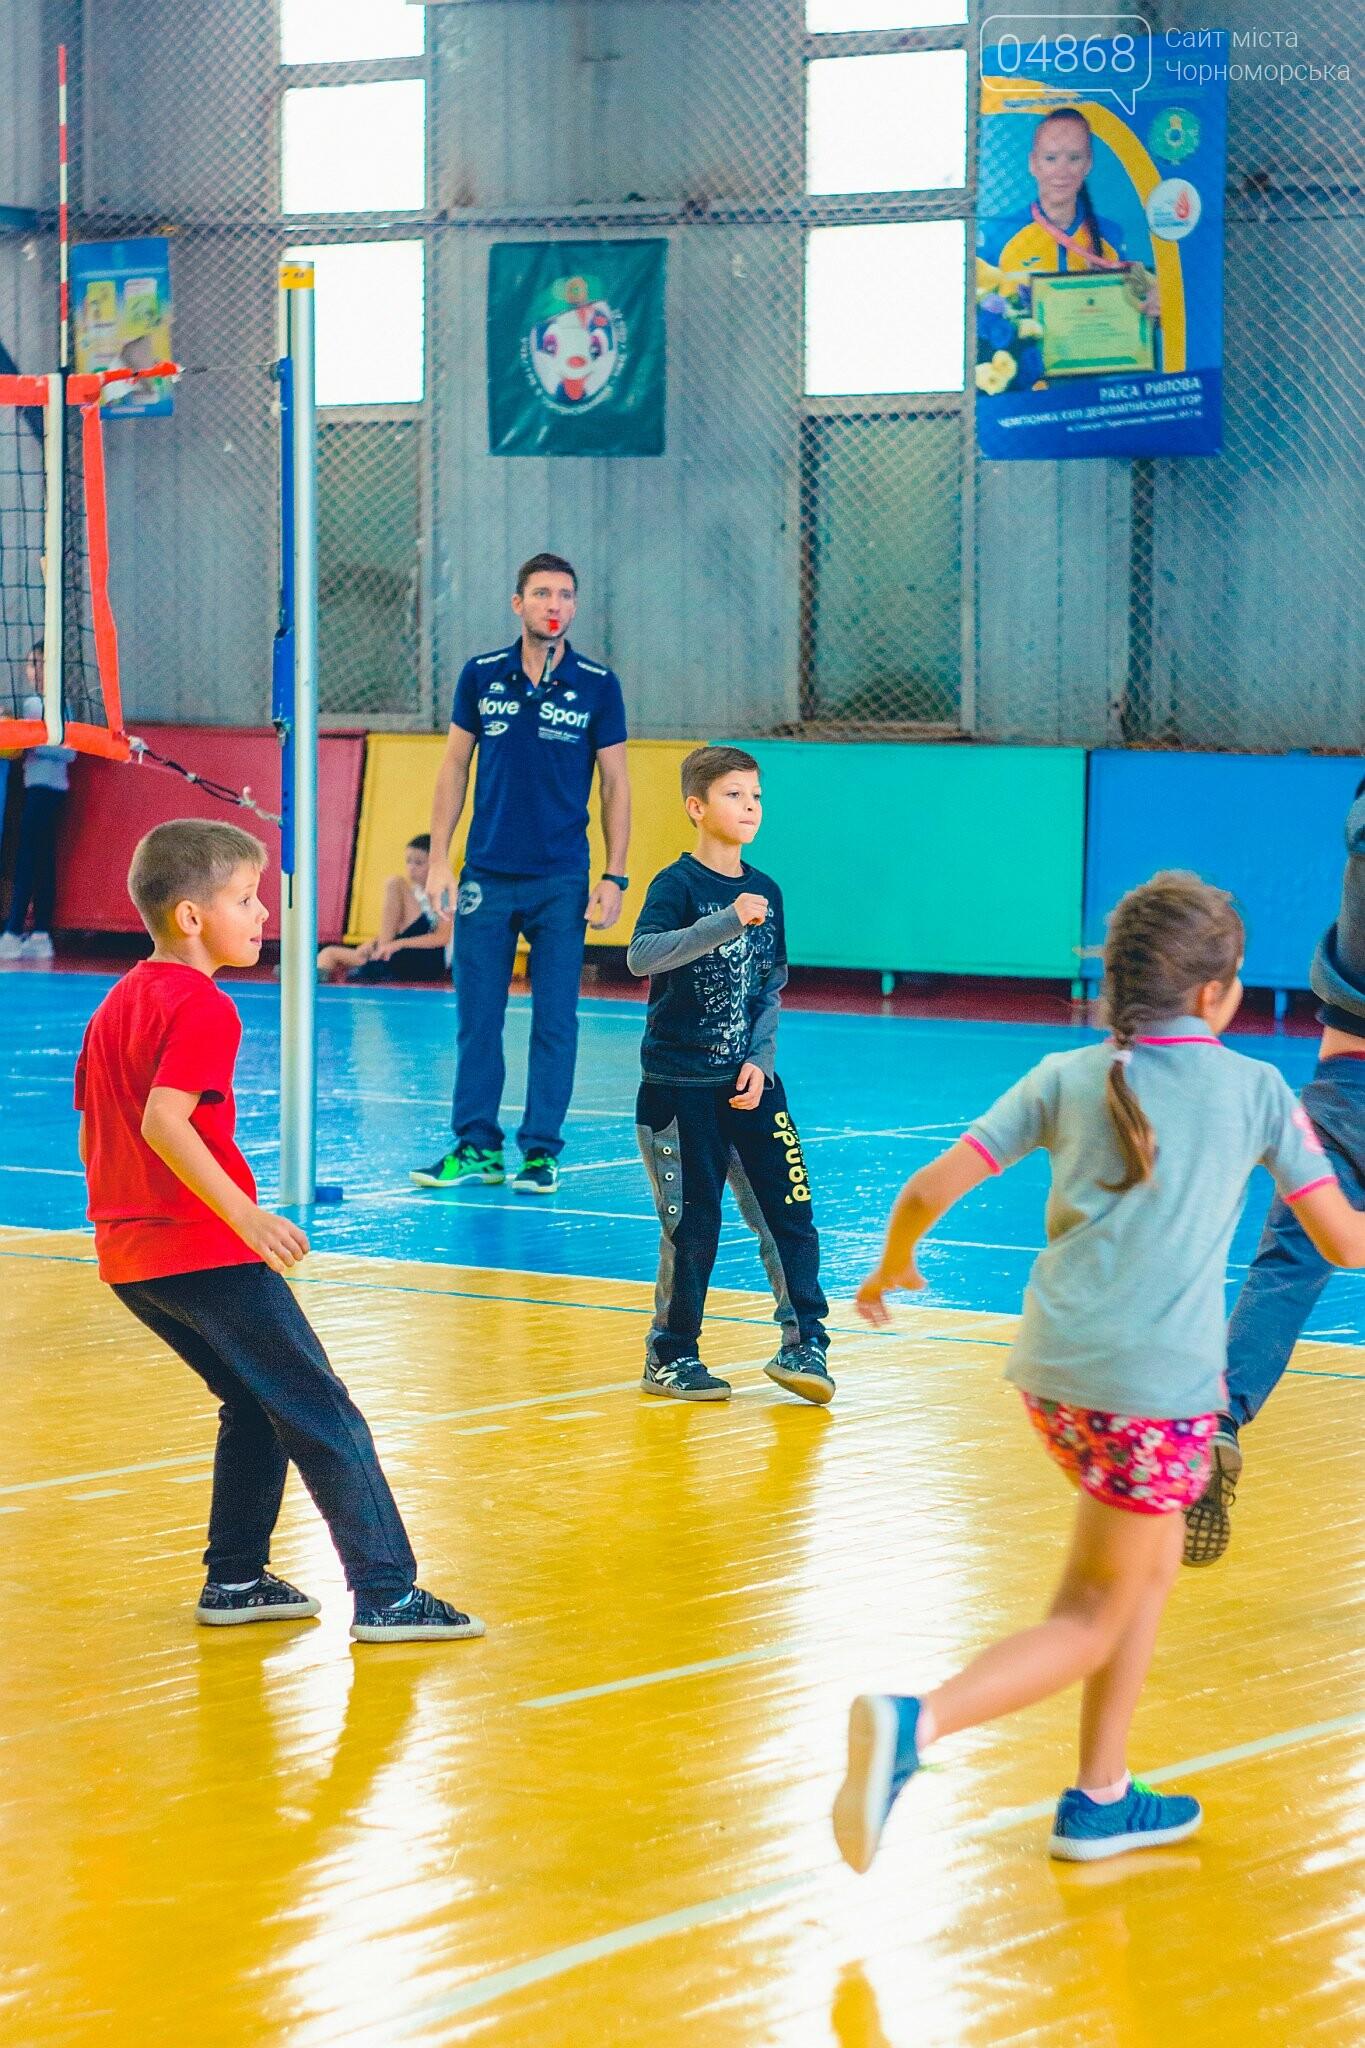 В Черноморске прошли школьные соревнования по мини-волейболу, фото-9